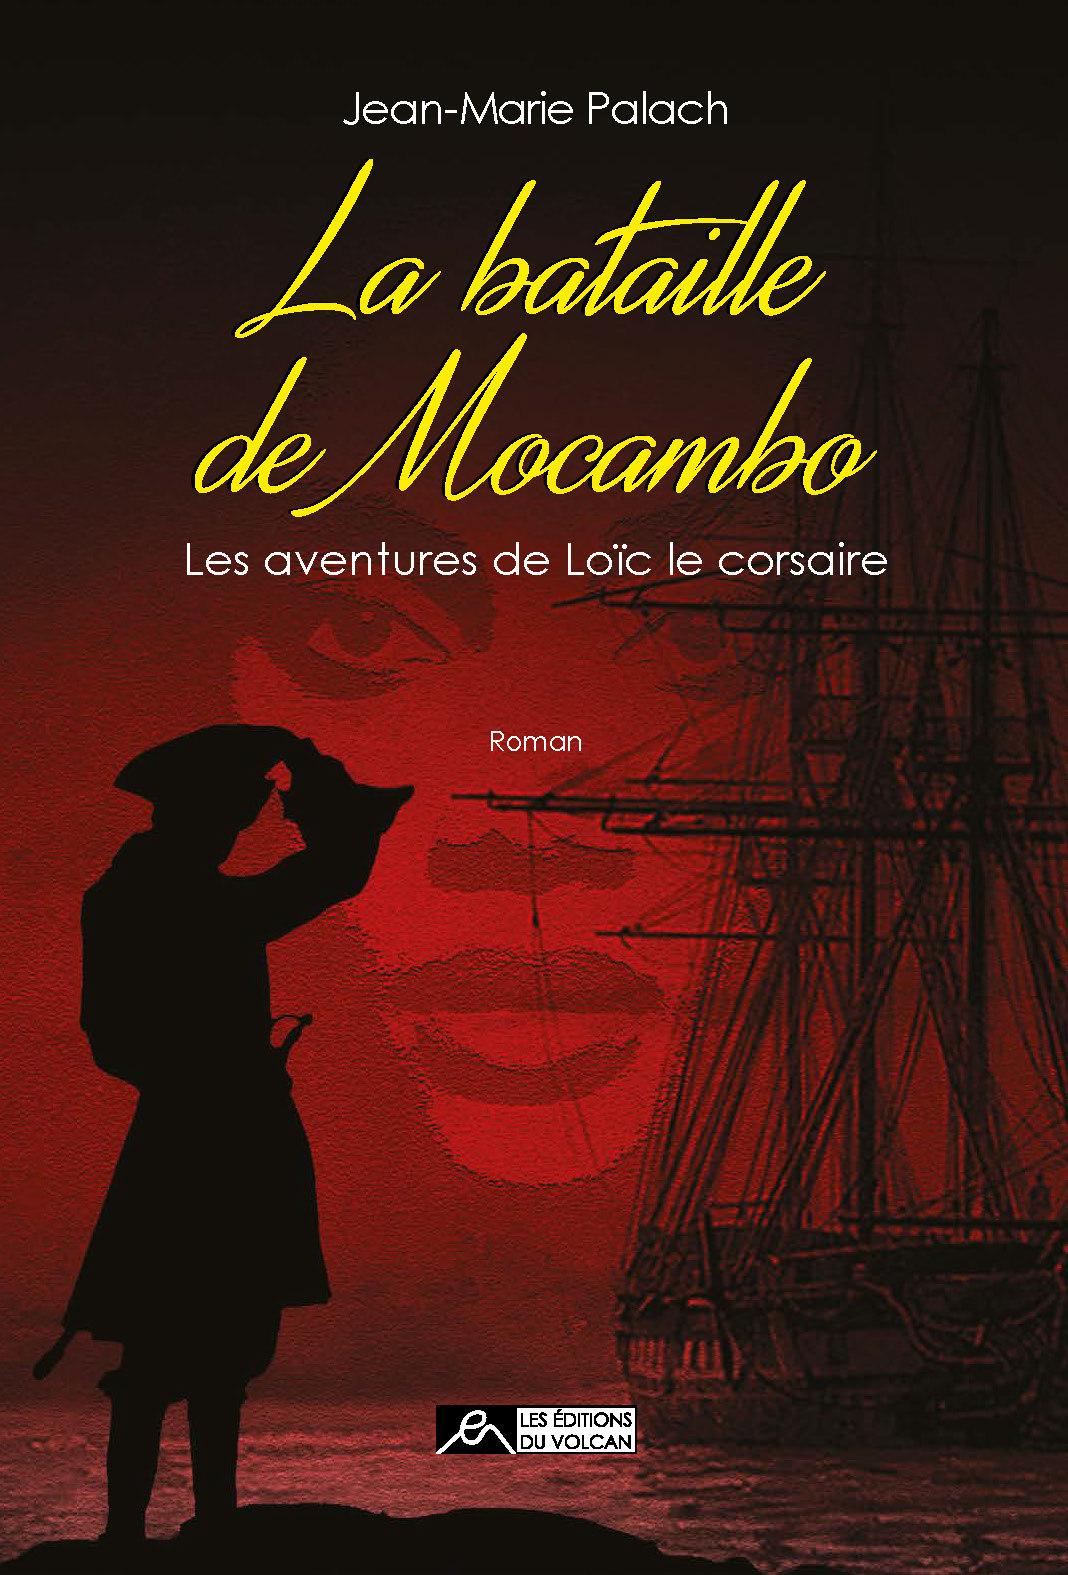 LA BATAILLE DE MOCAMBO - LES AVENTURES DE LOIC LE CORSAIRE TOME 4